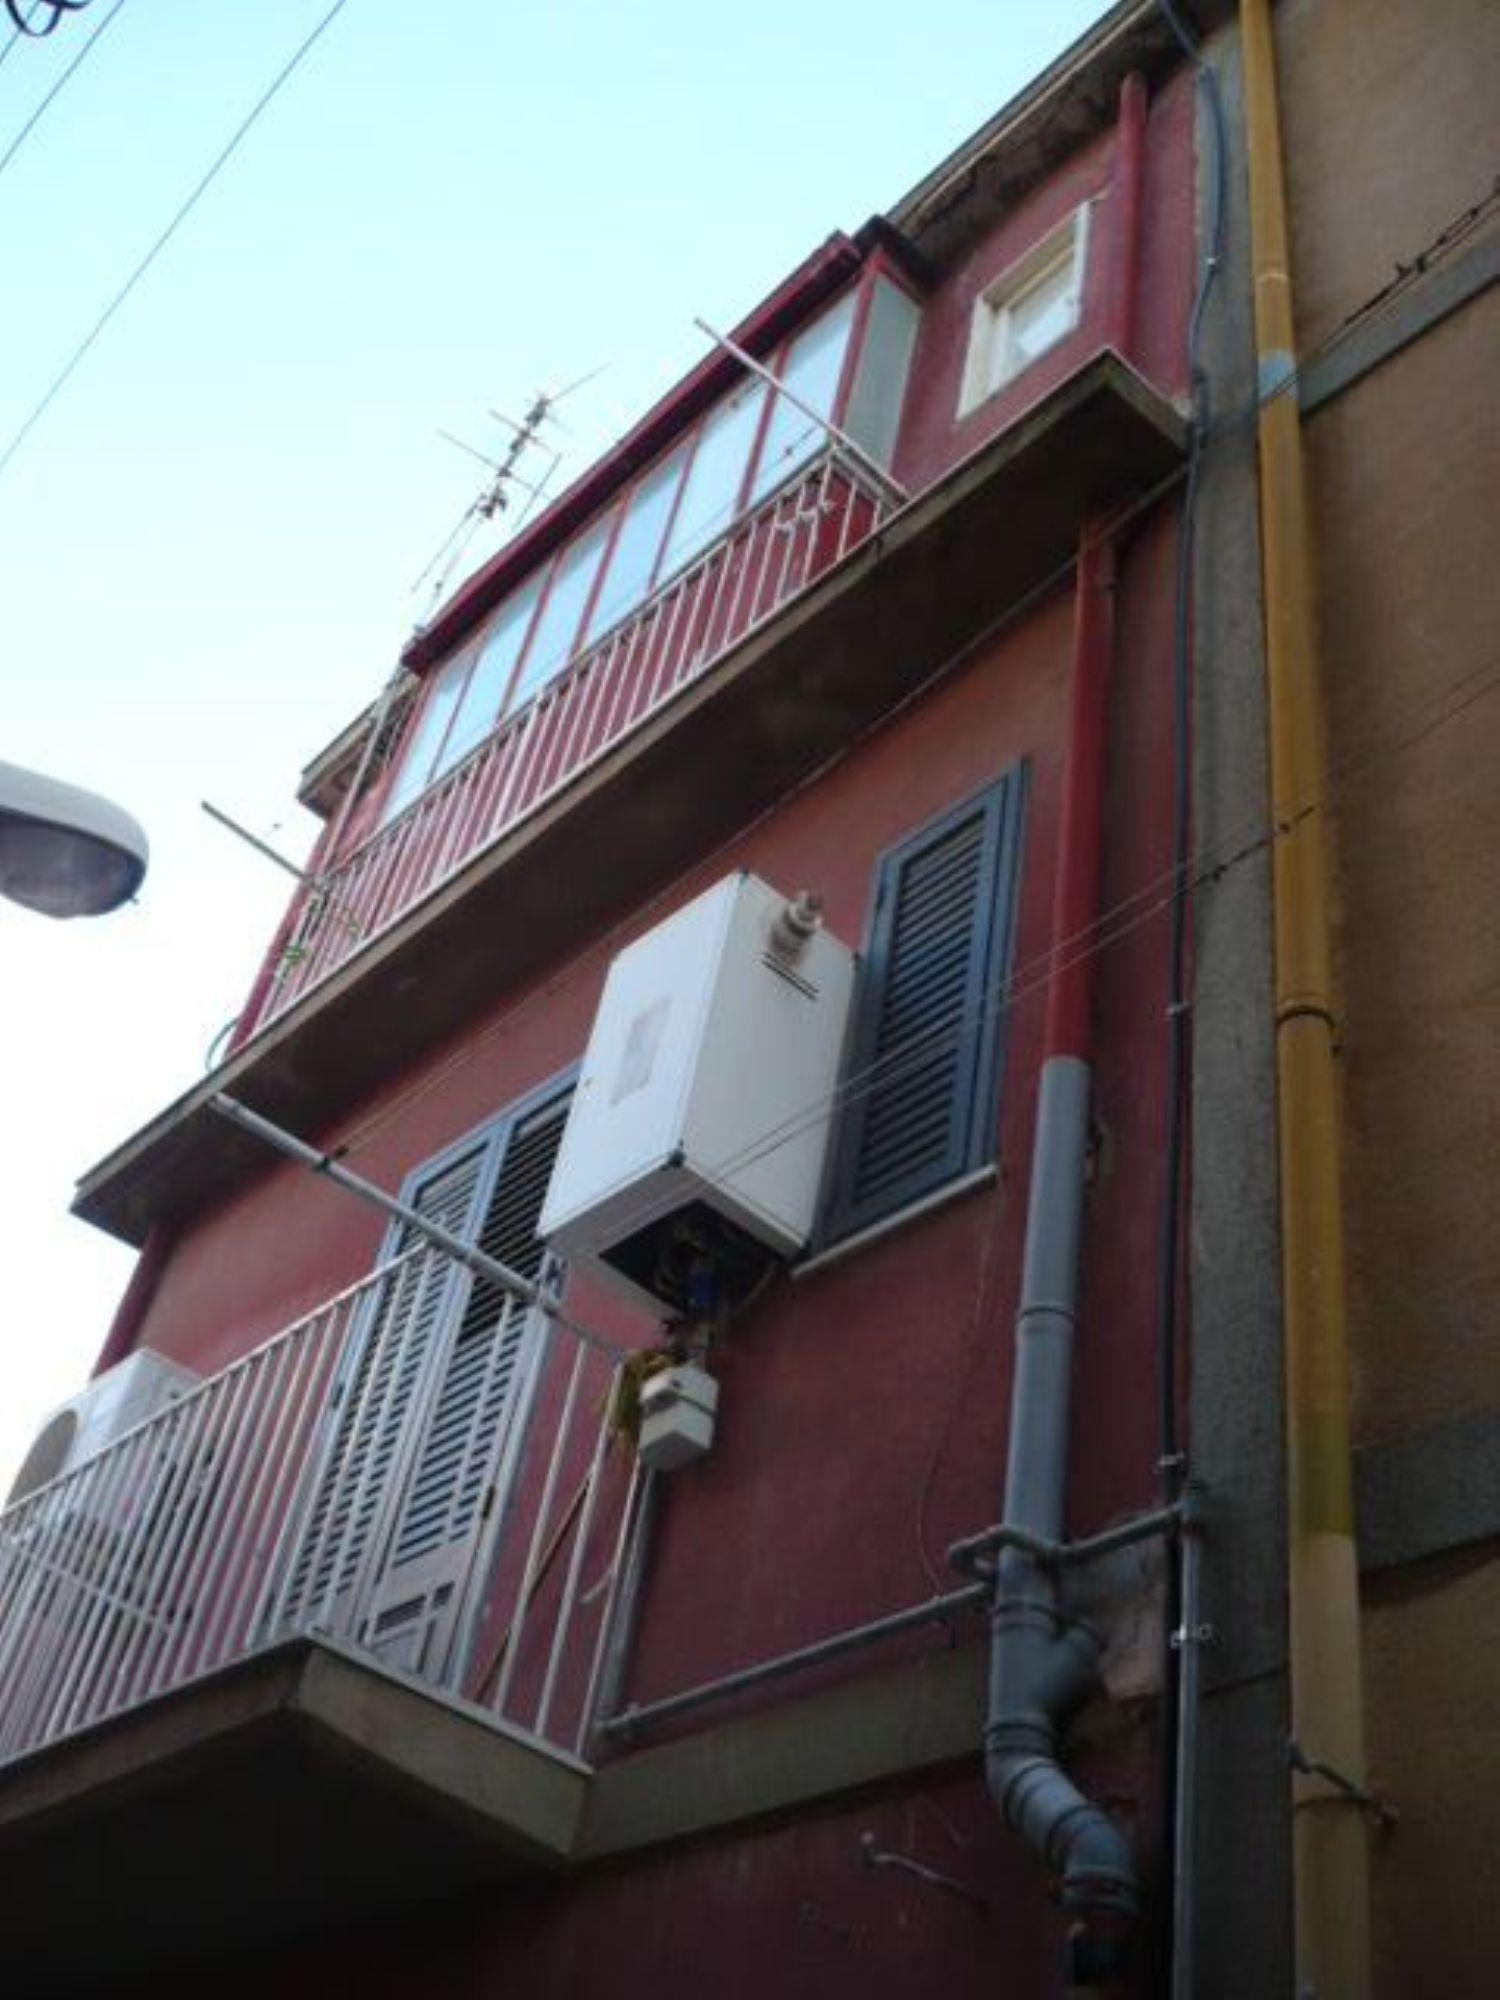 Appartamento in vendita a Termini Imerese, 2 locali, prezzo € 40.000 | CambioCasa.it